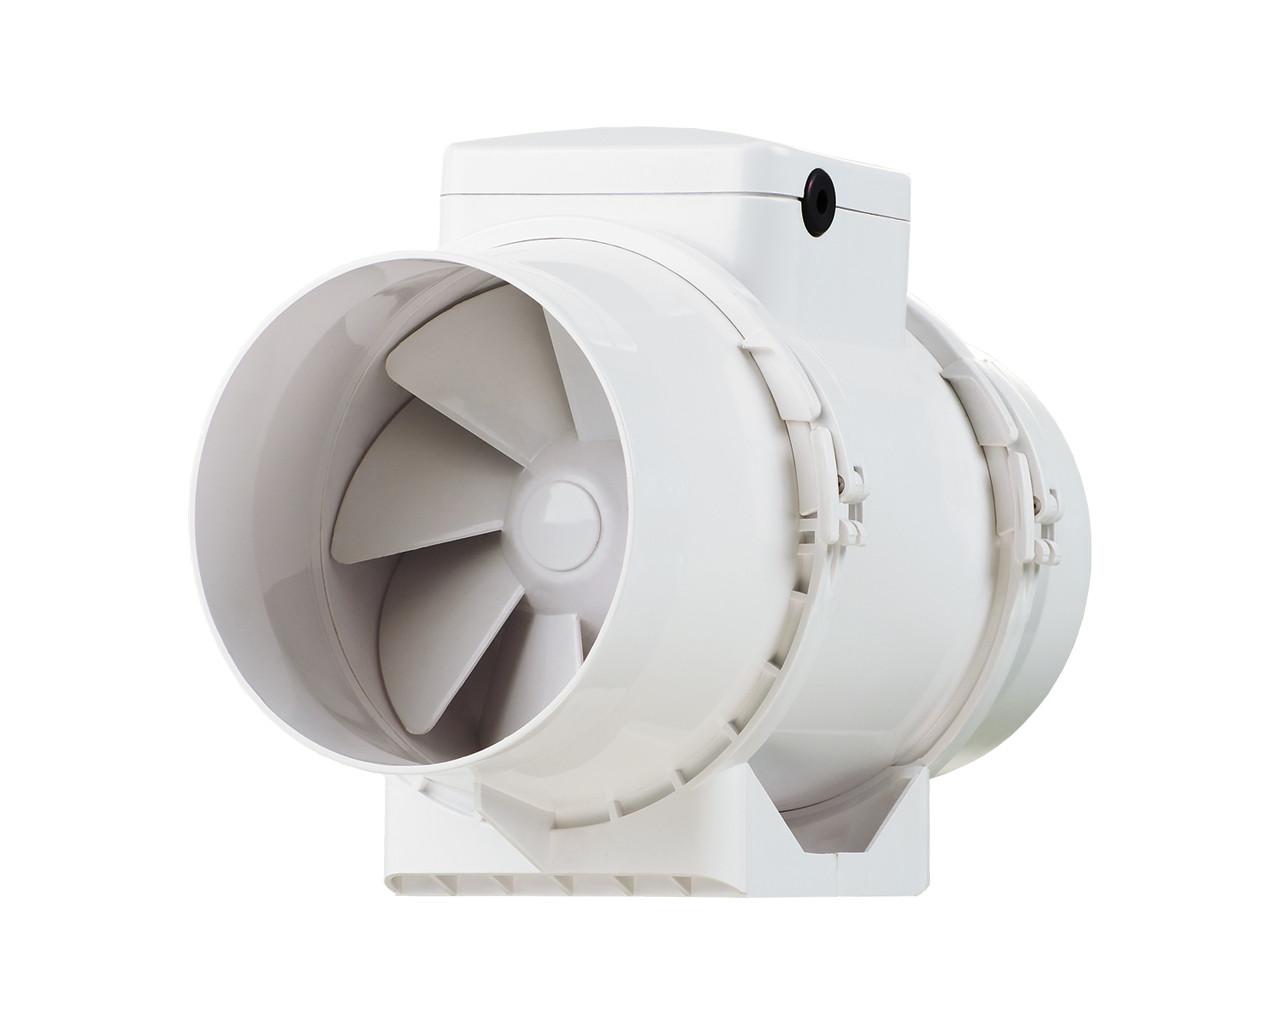 Канальный вентилятор  Вентс 125 ТТ С (Двигатель повышенной мощности, 320 м³/ч)